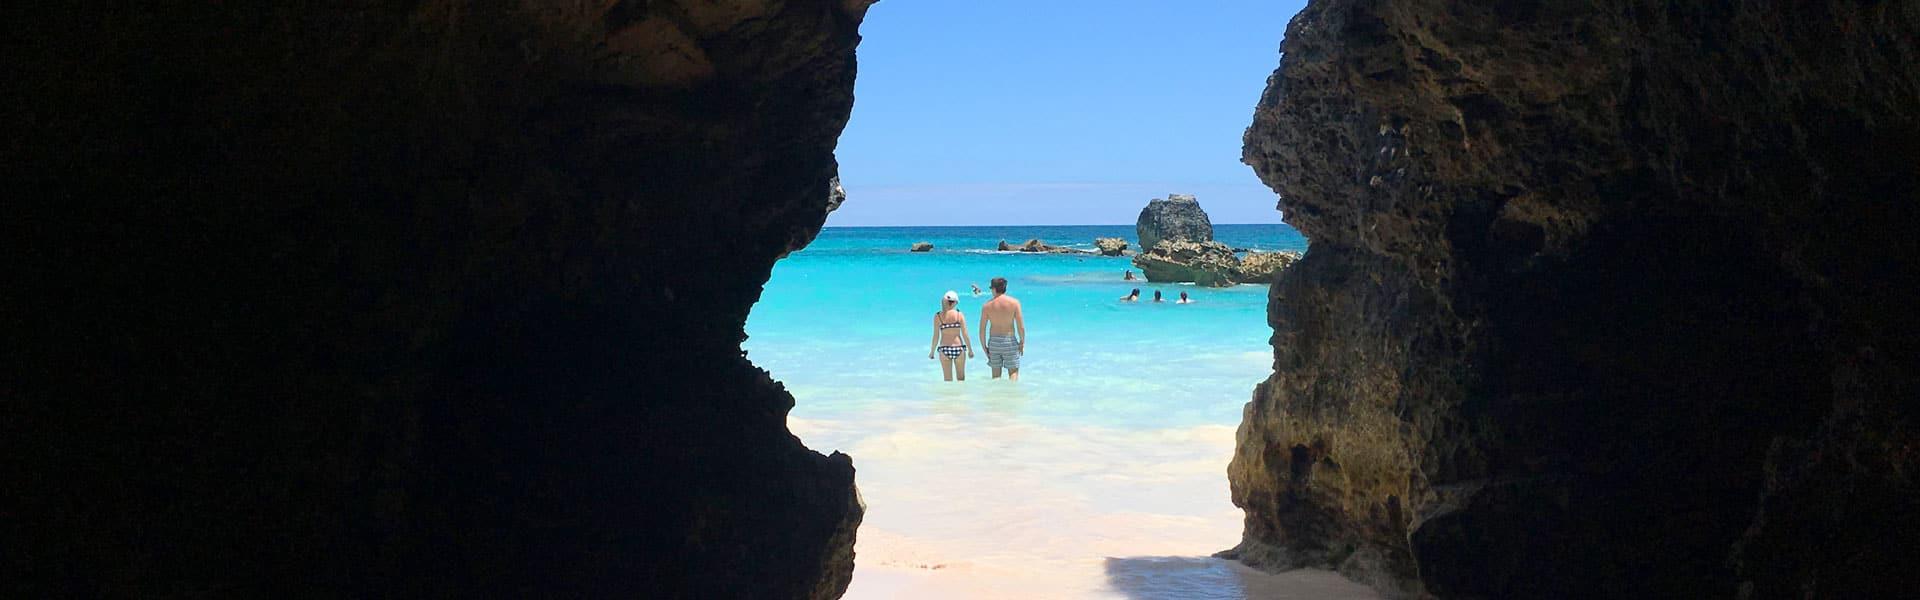 Bermudas, viaje de ida y vuelta desde Nueva York